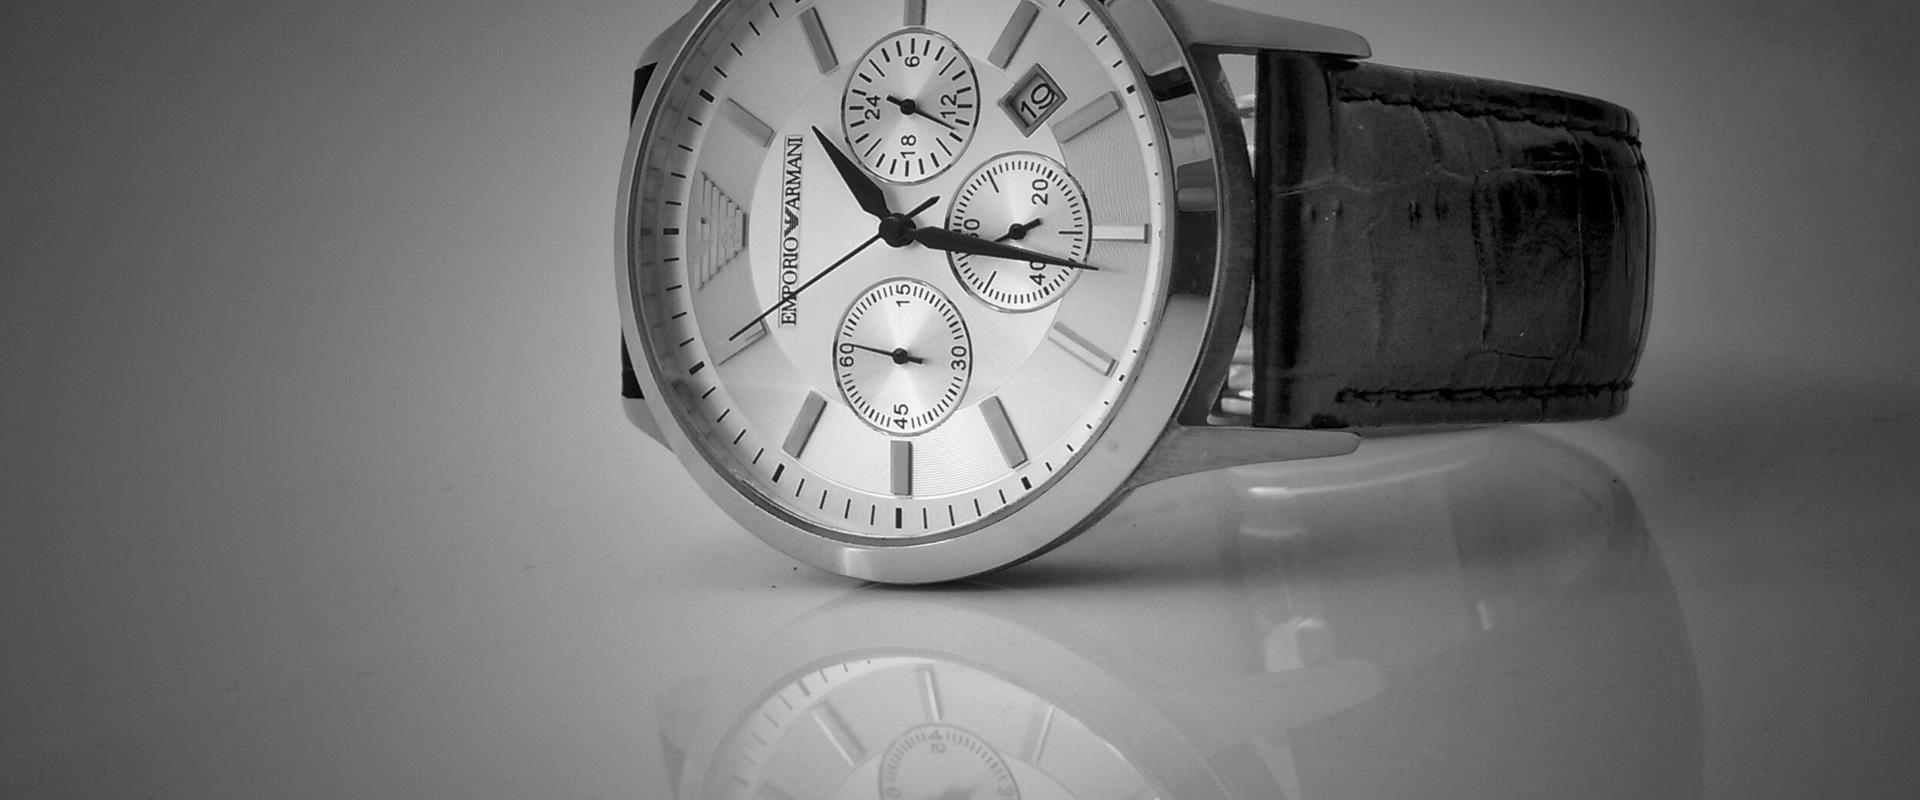 Mustafa Yavuz horloges